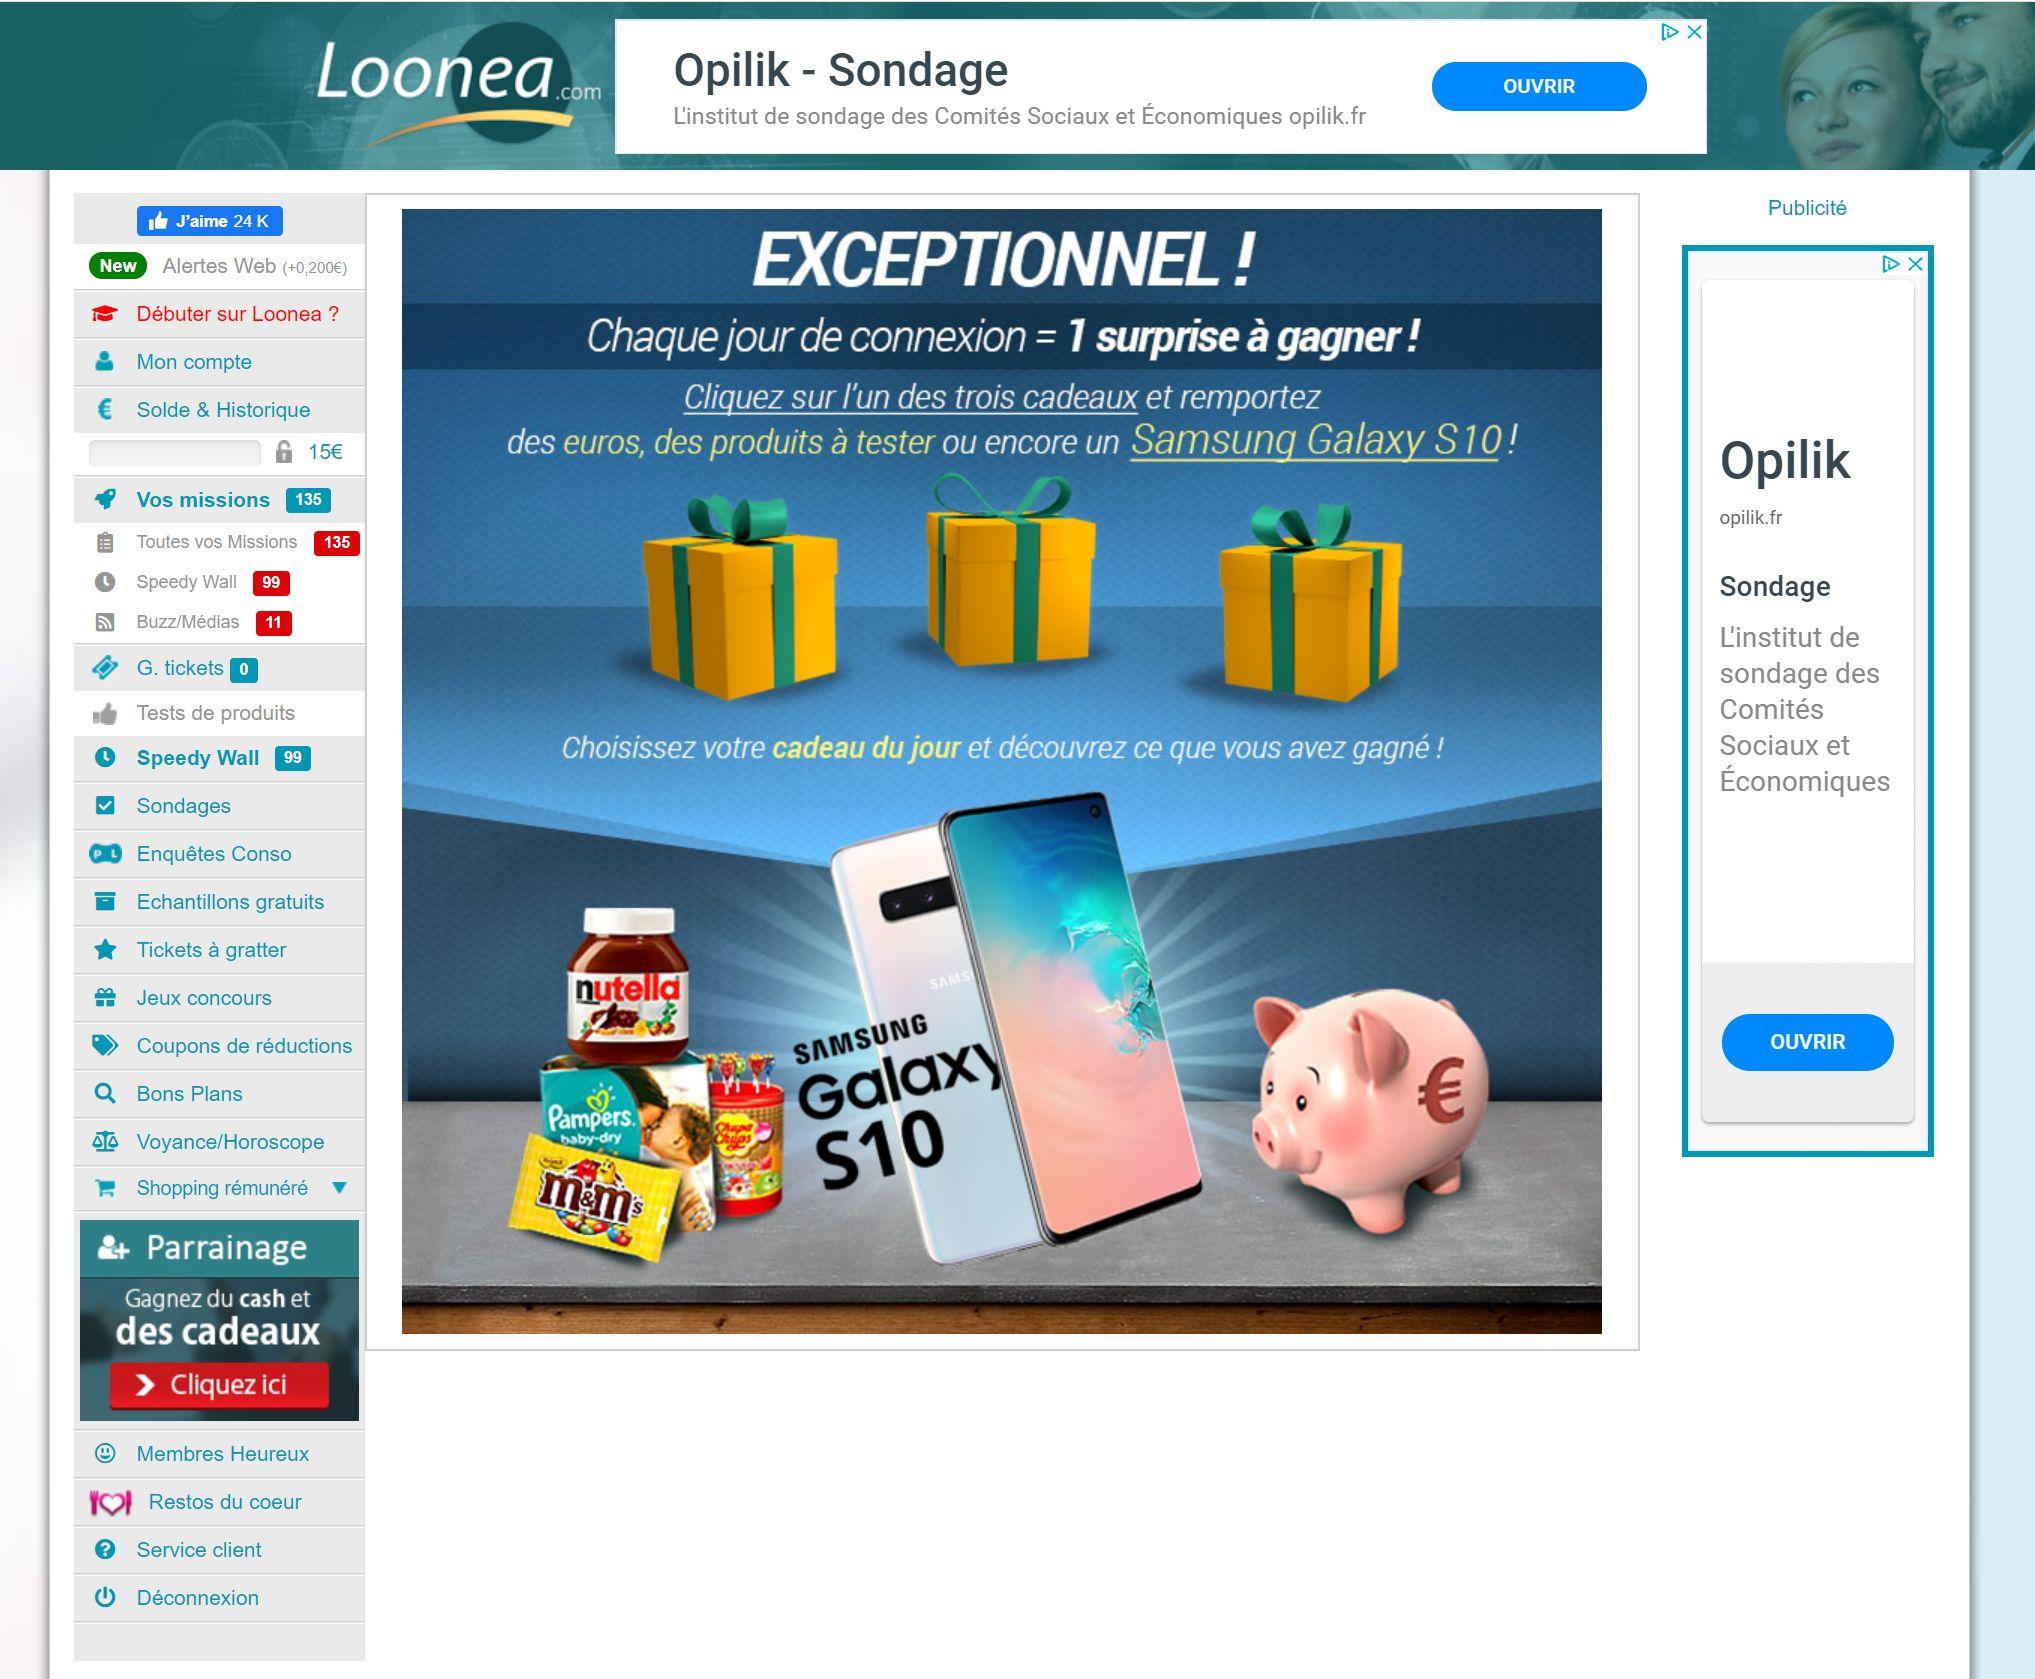 ouvrir un compte sur loonea